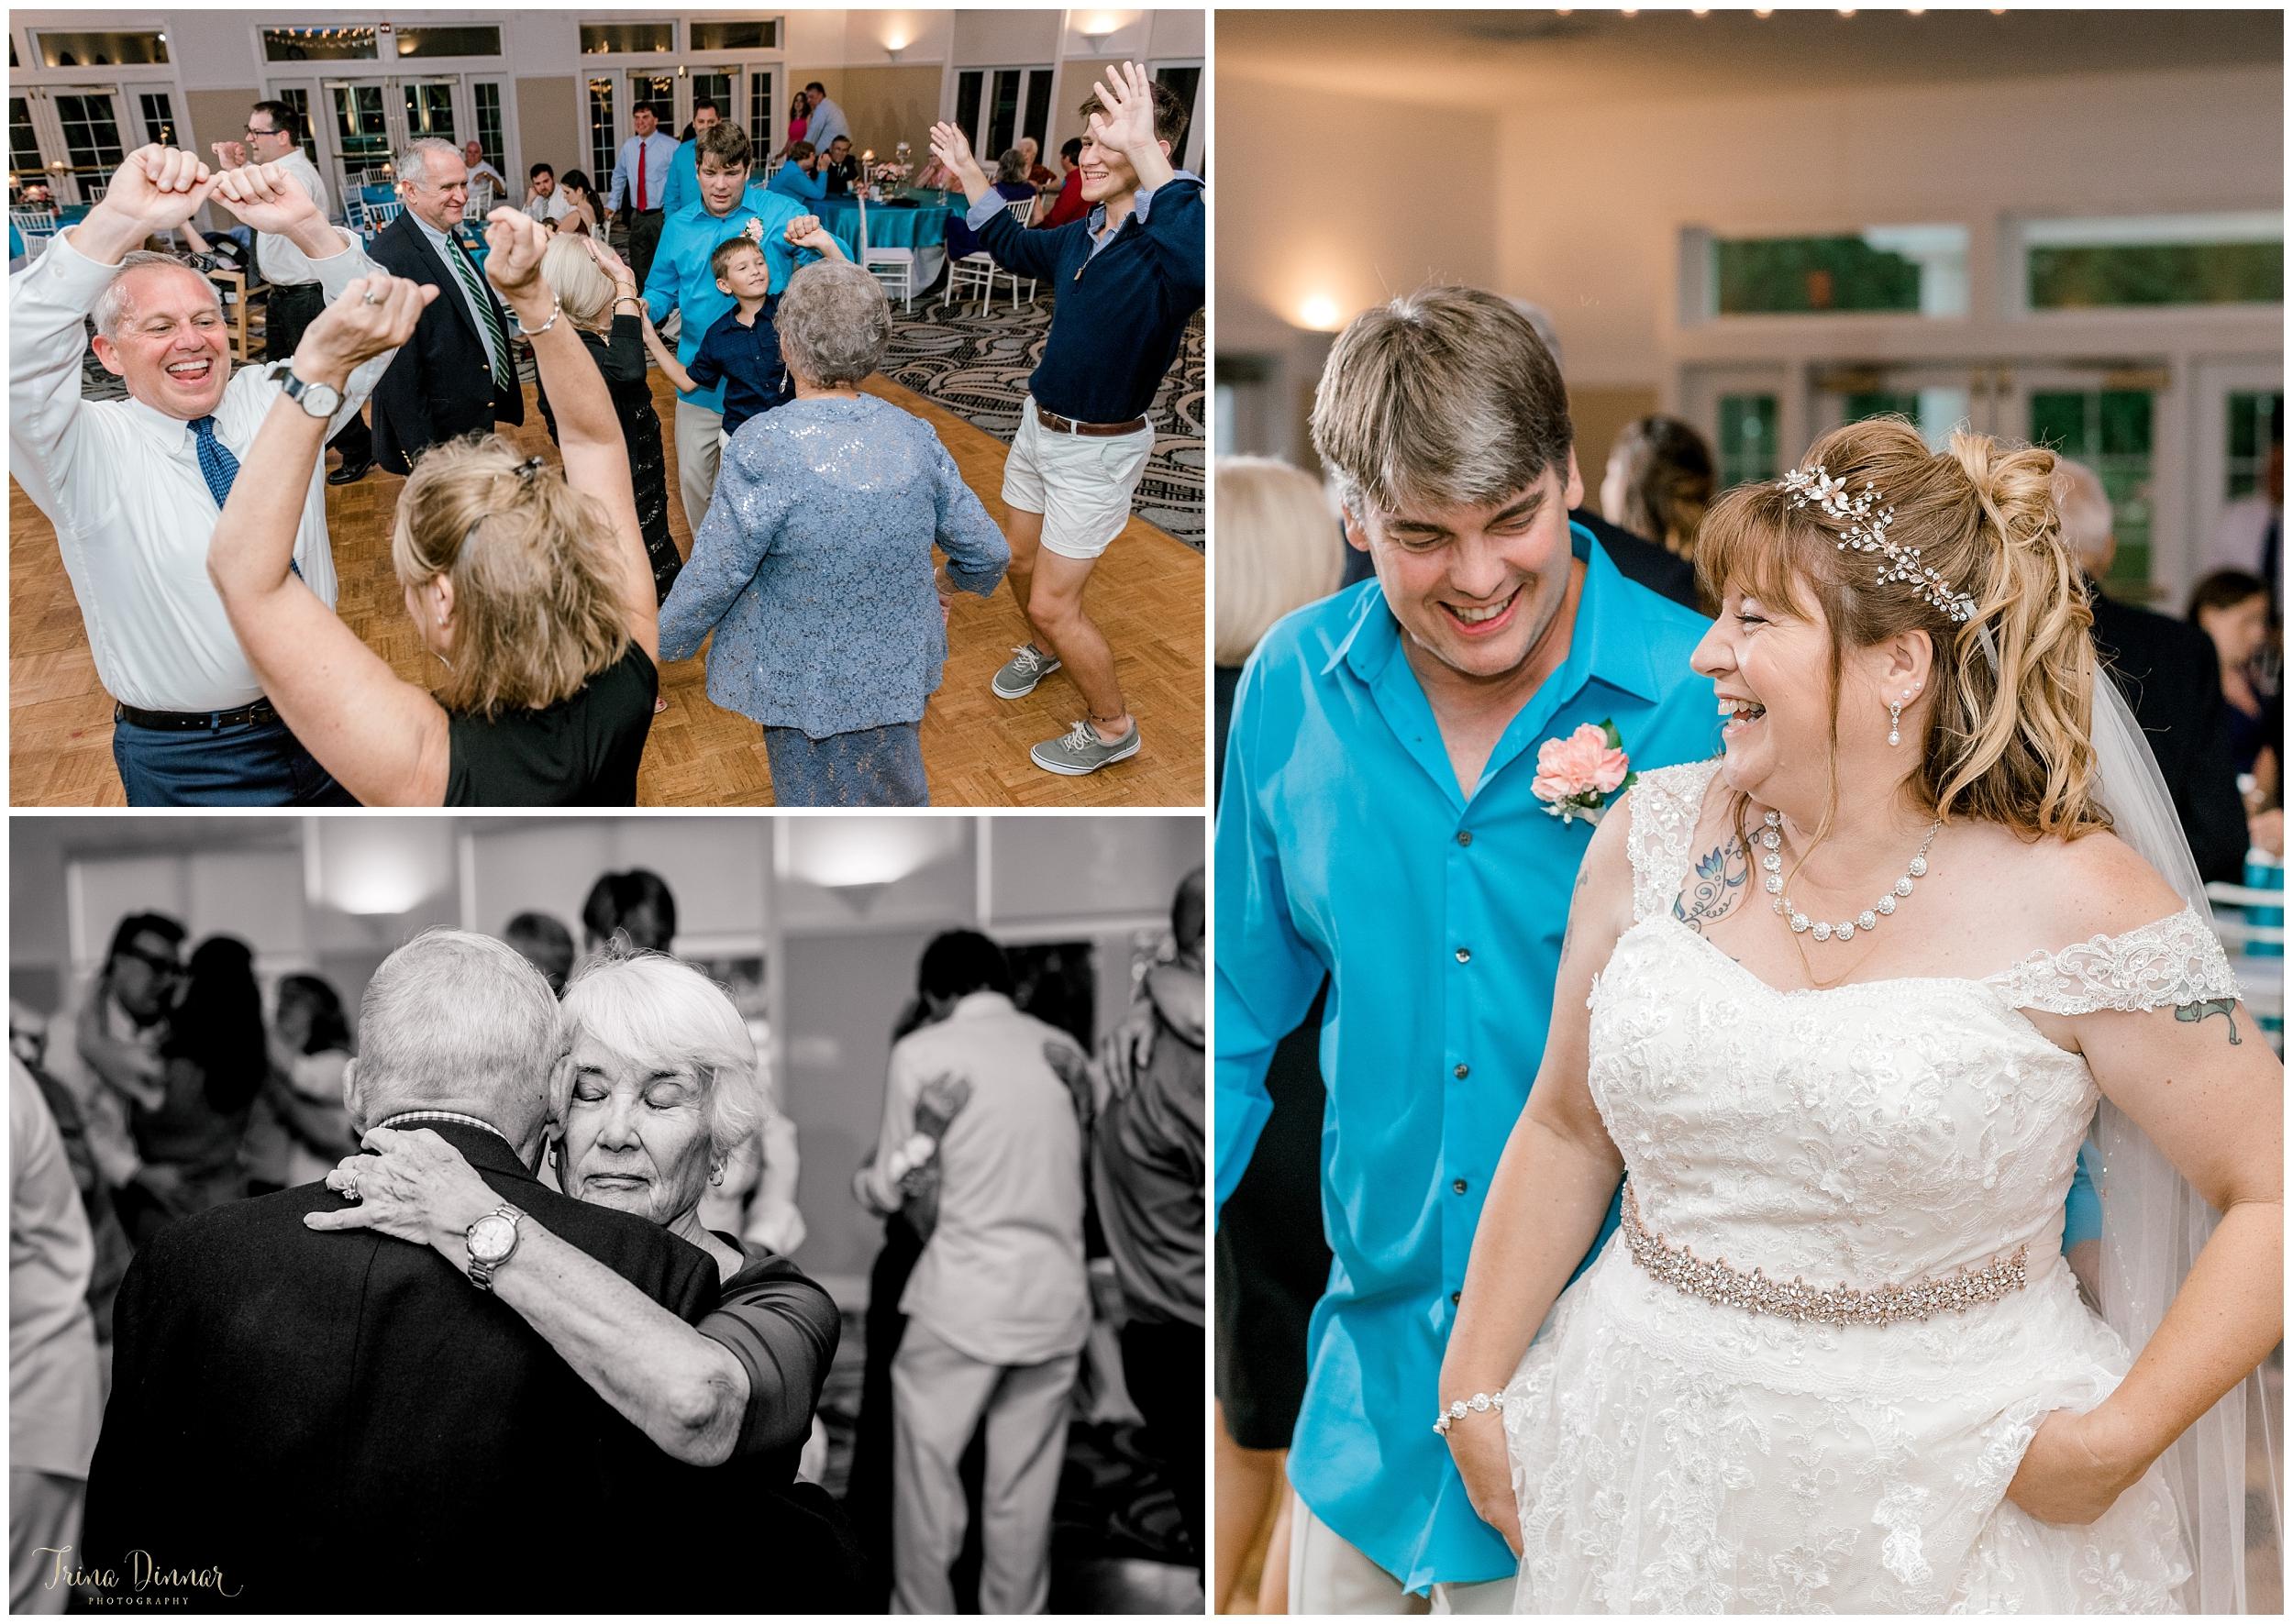 Wedding reception dancing in Wells Maine